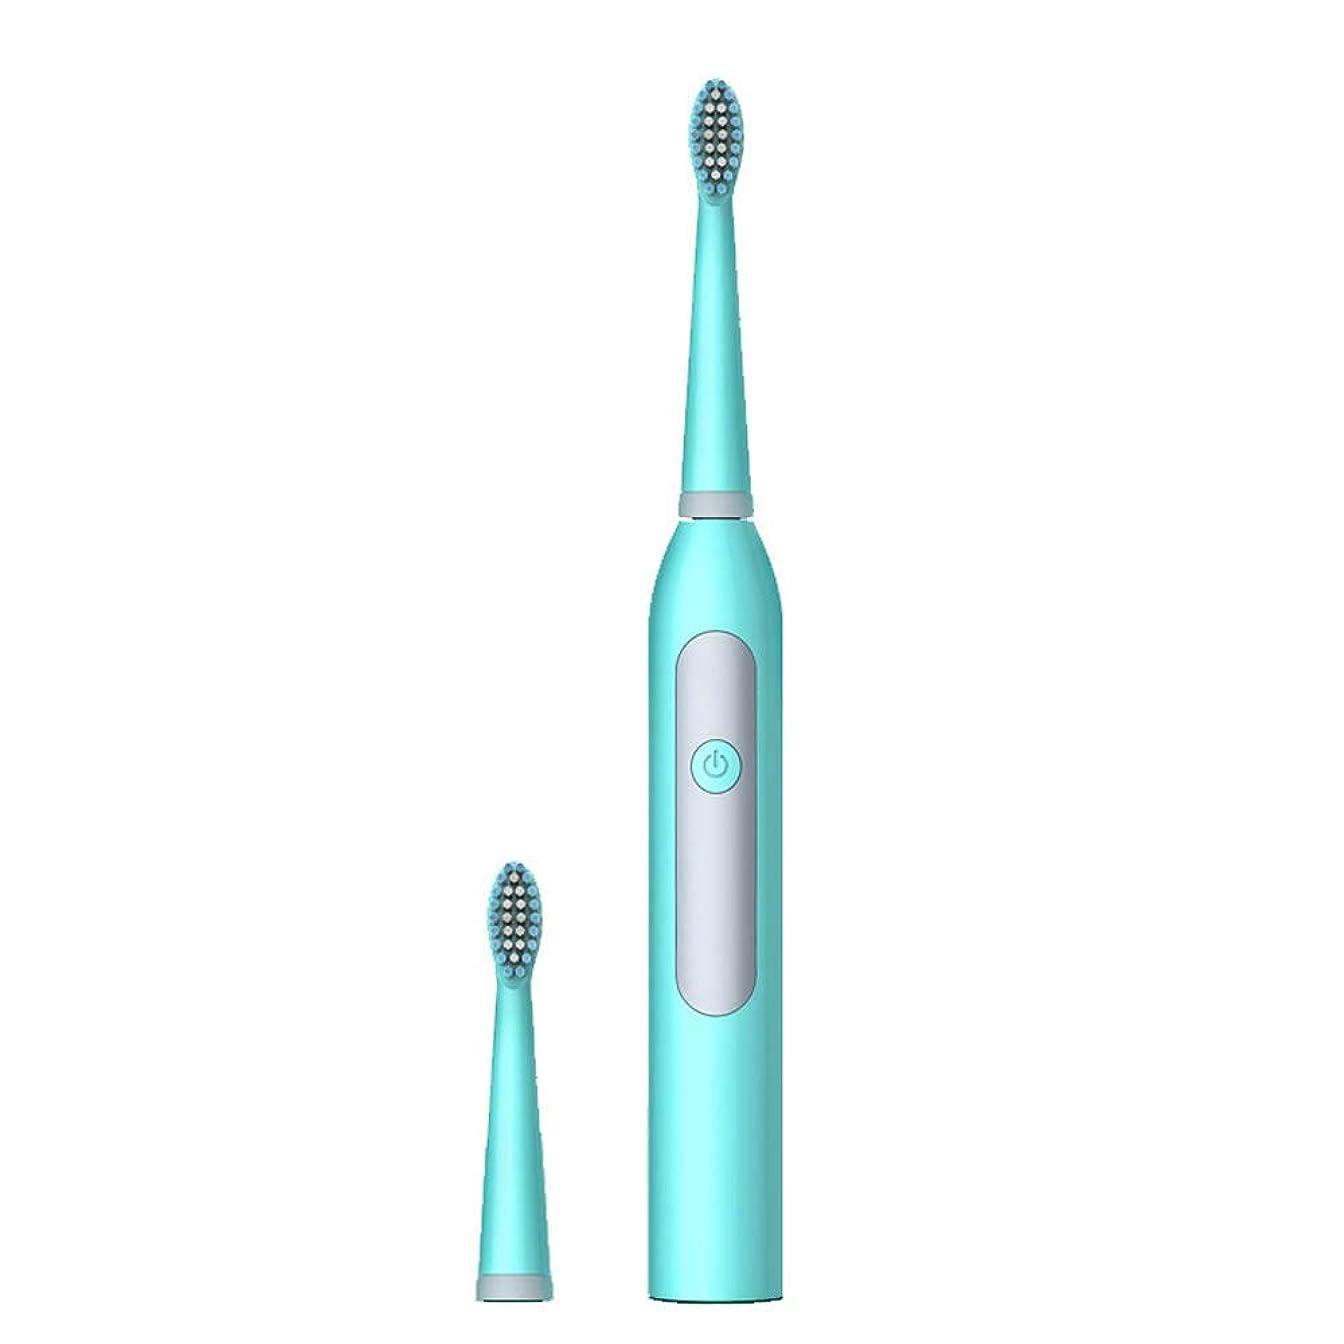 爆風ニックネームピクニックをする電動歯ブラシ、Ipx7防水、大人用、充電式歯ブラシ、Usb充電式歯ブラシ